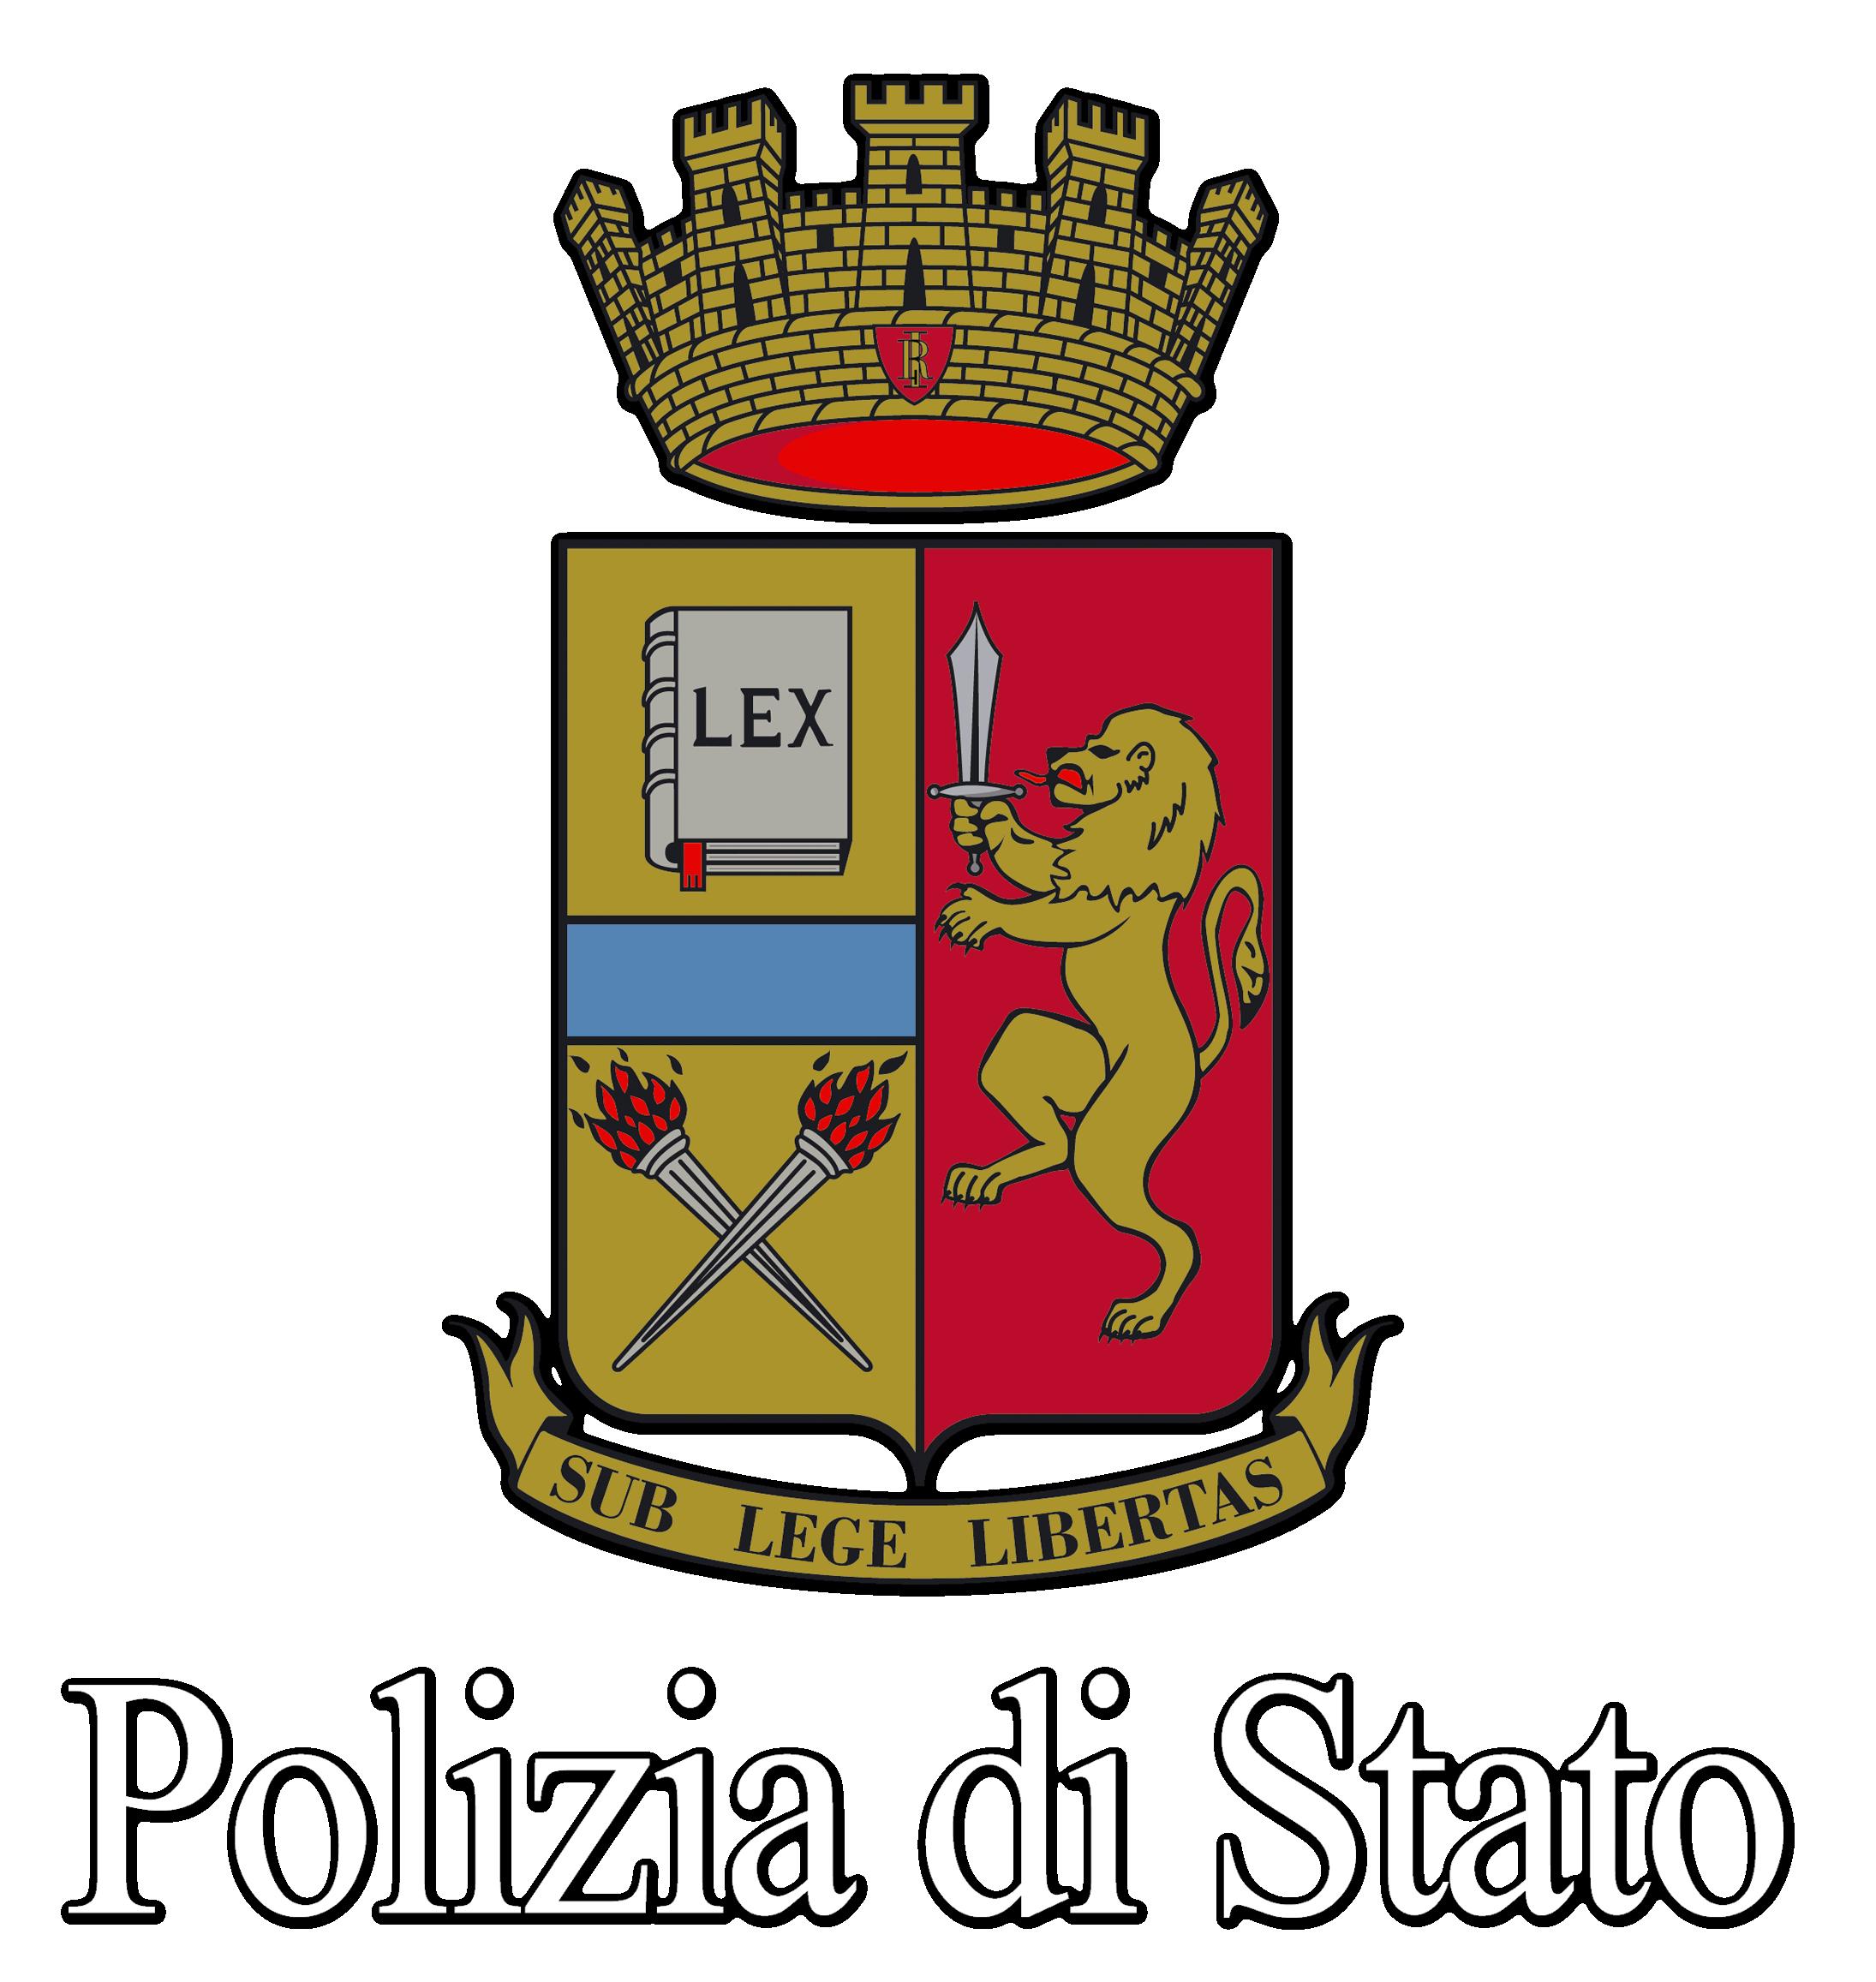 Polizia di stato questure sul web ferrara for Questura di ferrara ritiro permesso di soggiorno